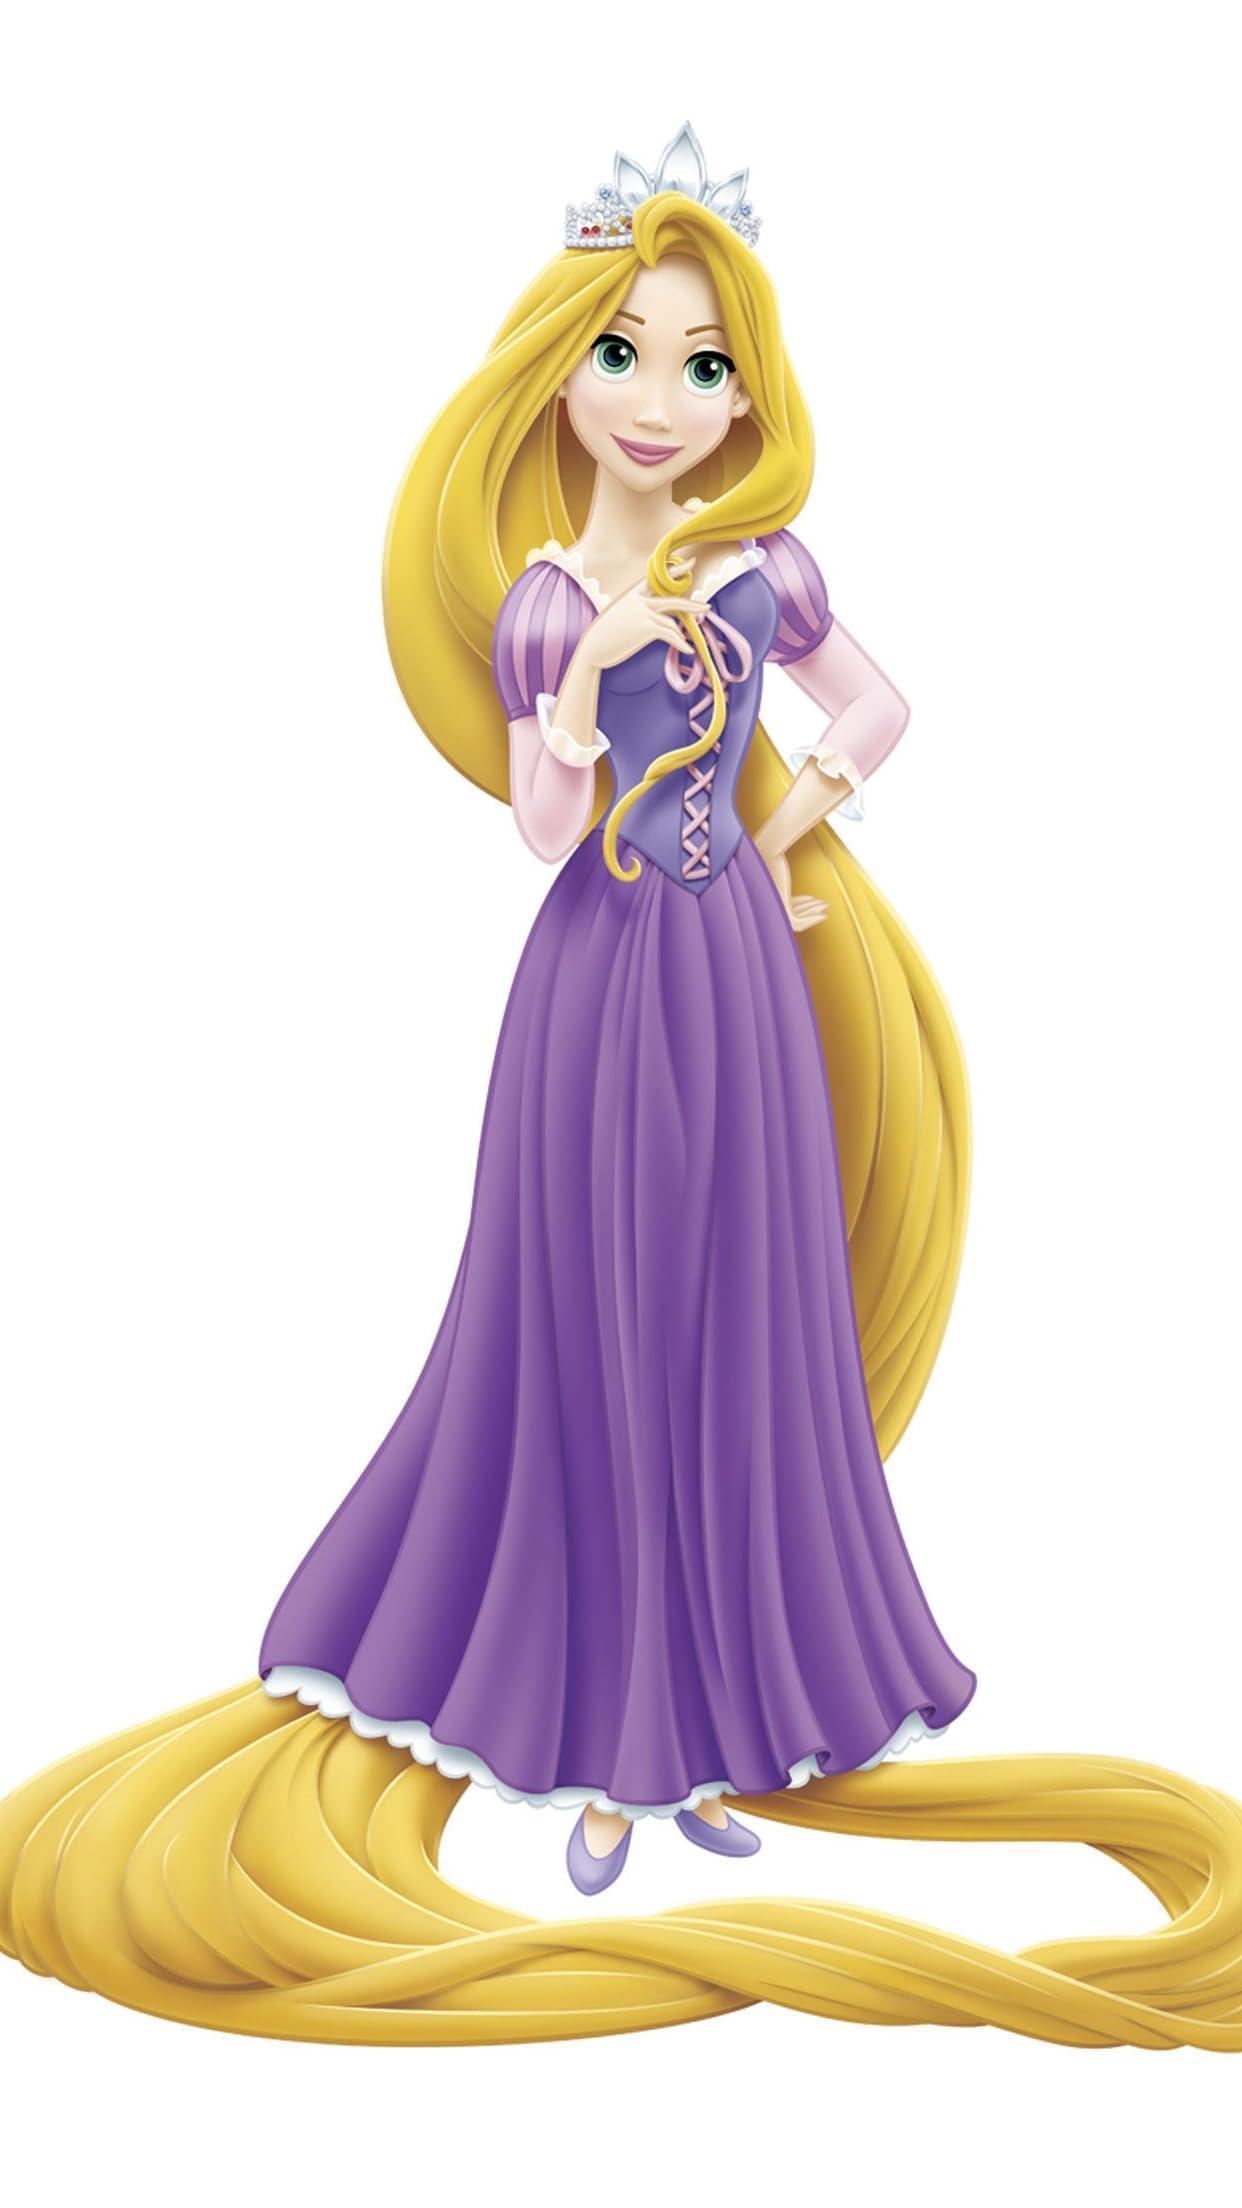 ディズニー Iphone8 7 6 Plus 壁紙 1242 2208 ラプンツェル Rapunzel